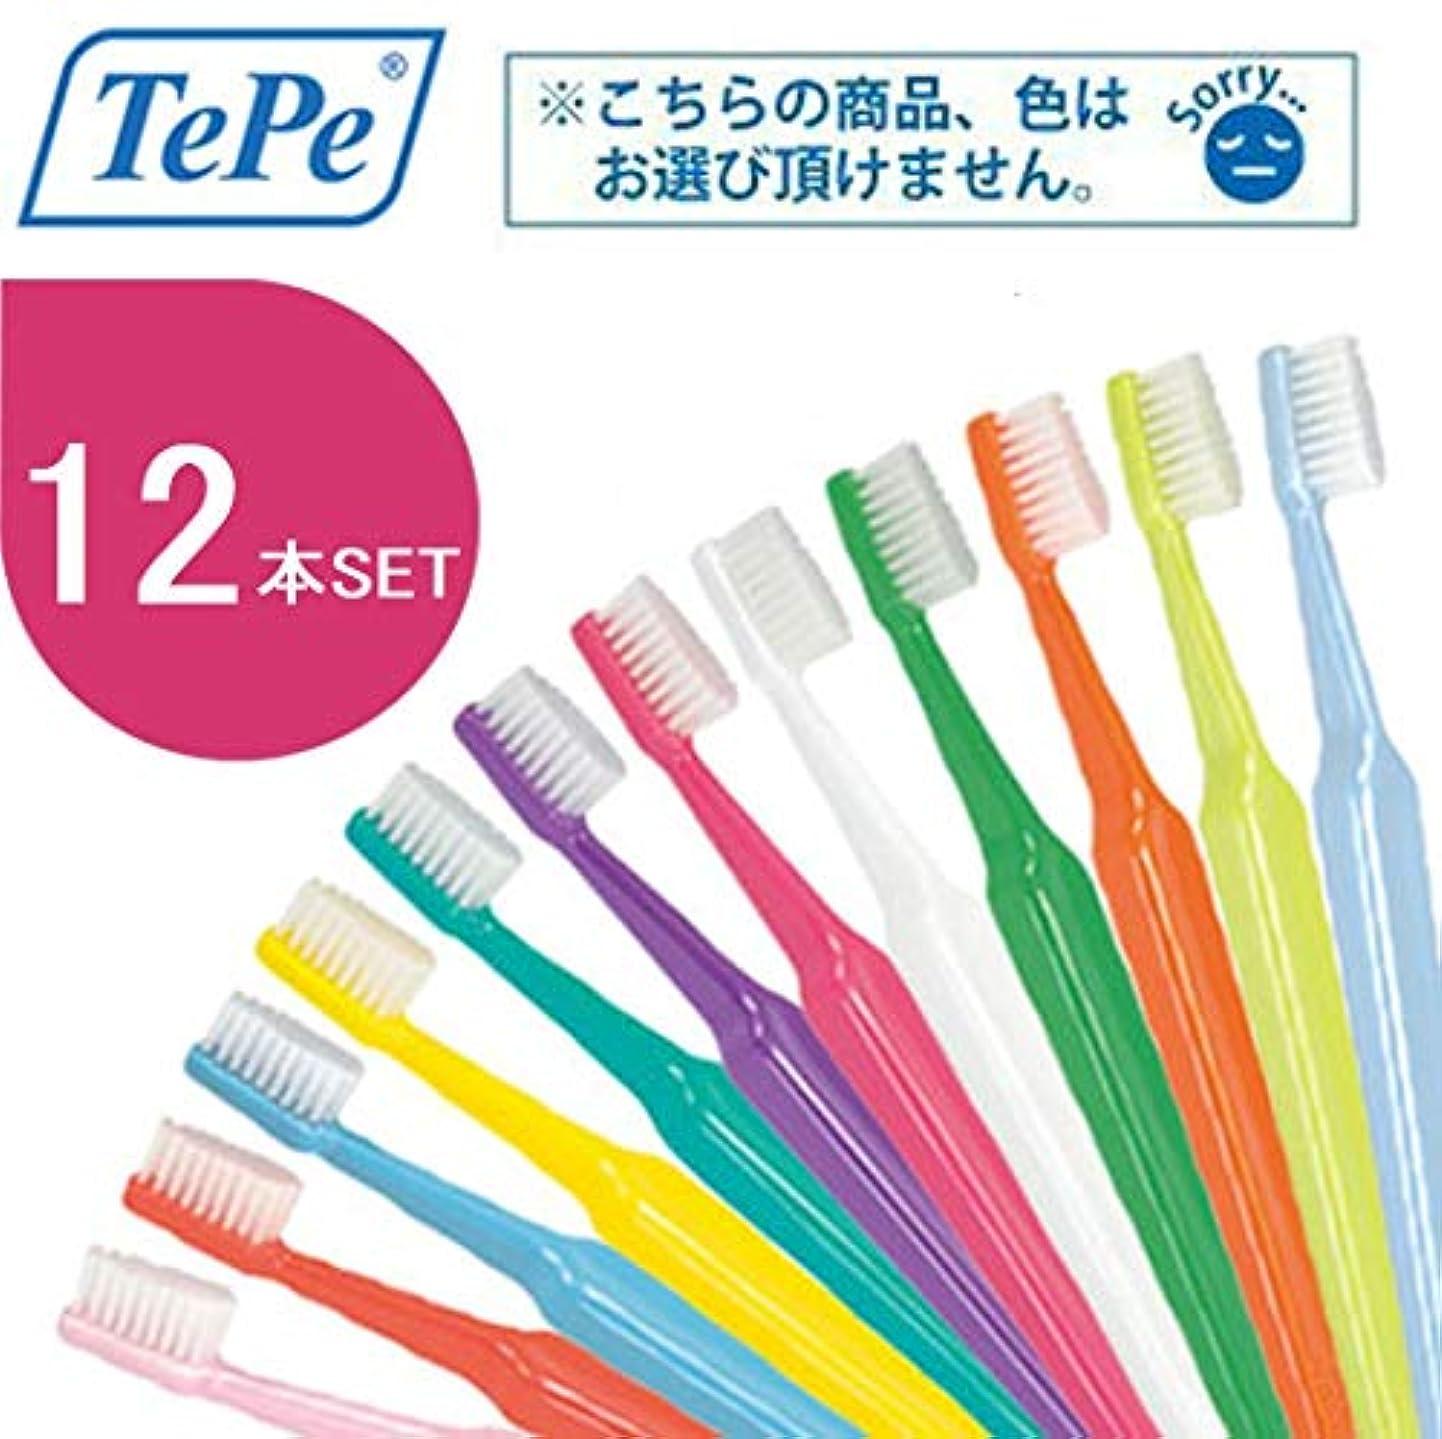 中毒スチュワードクリーククロスフィールド TePe テペ セレクト 歯ブラシ 12本 (ミディアム)